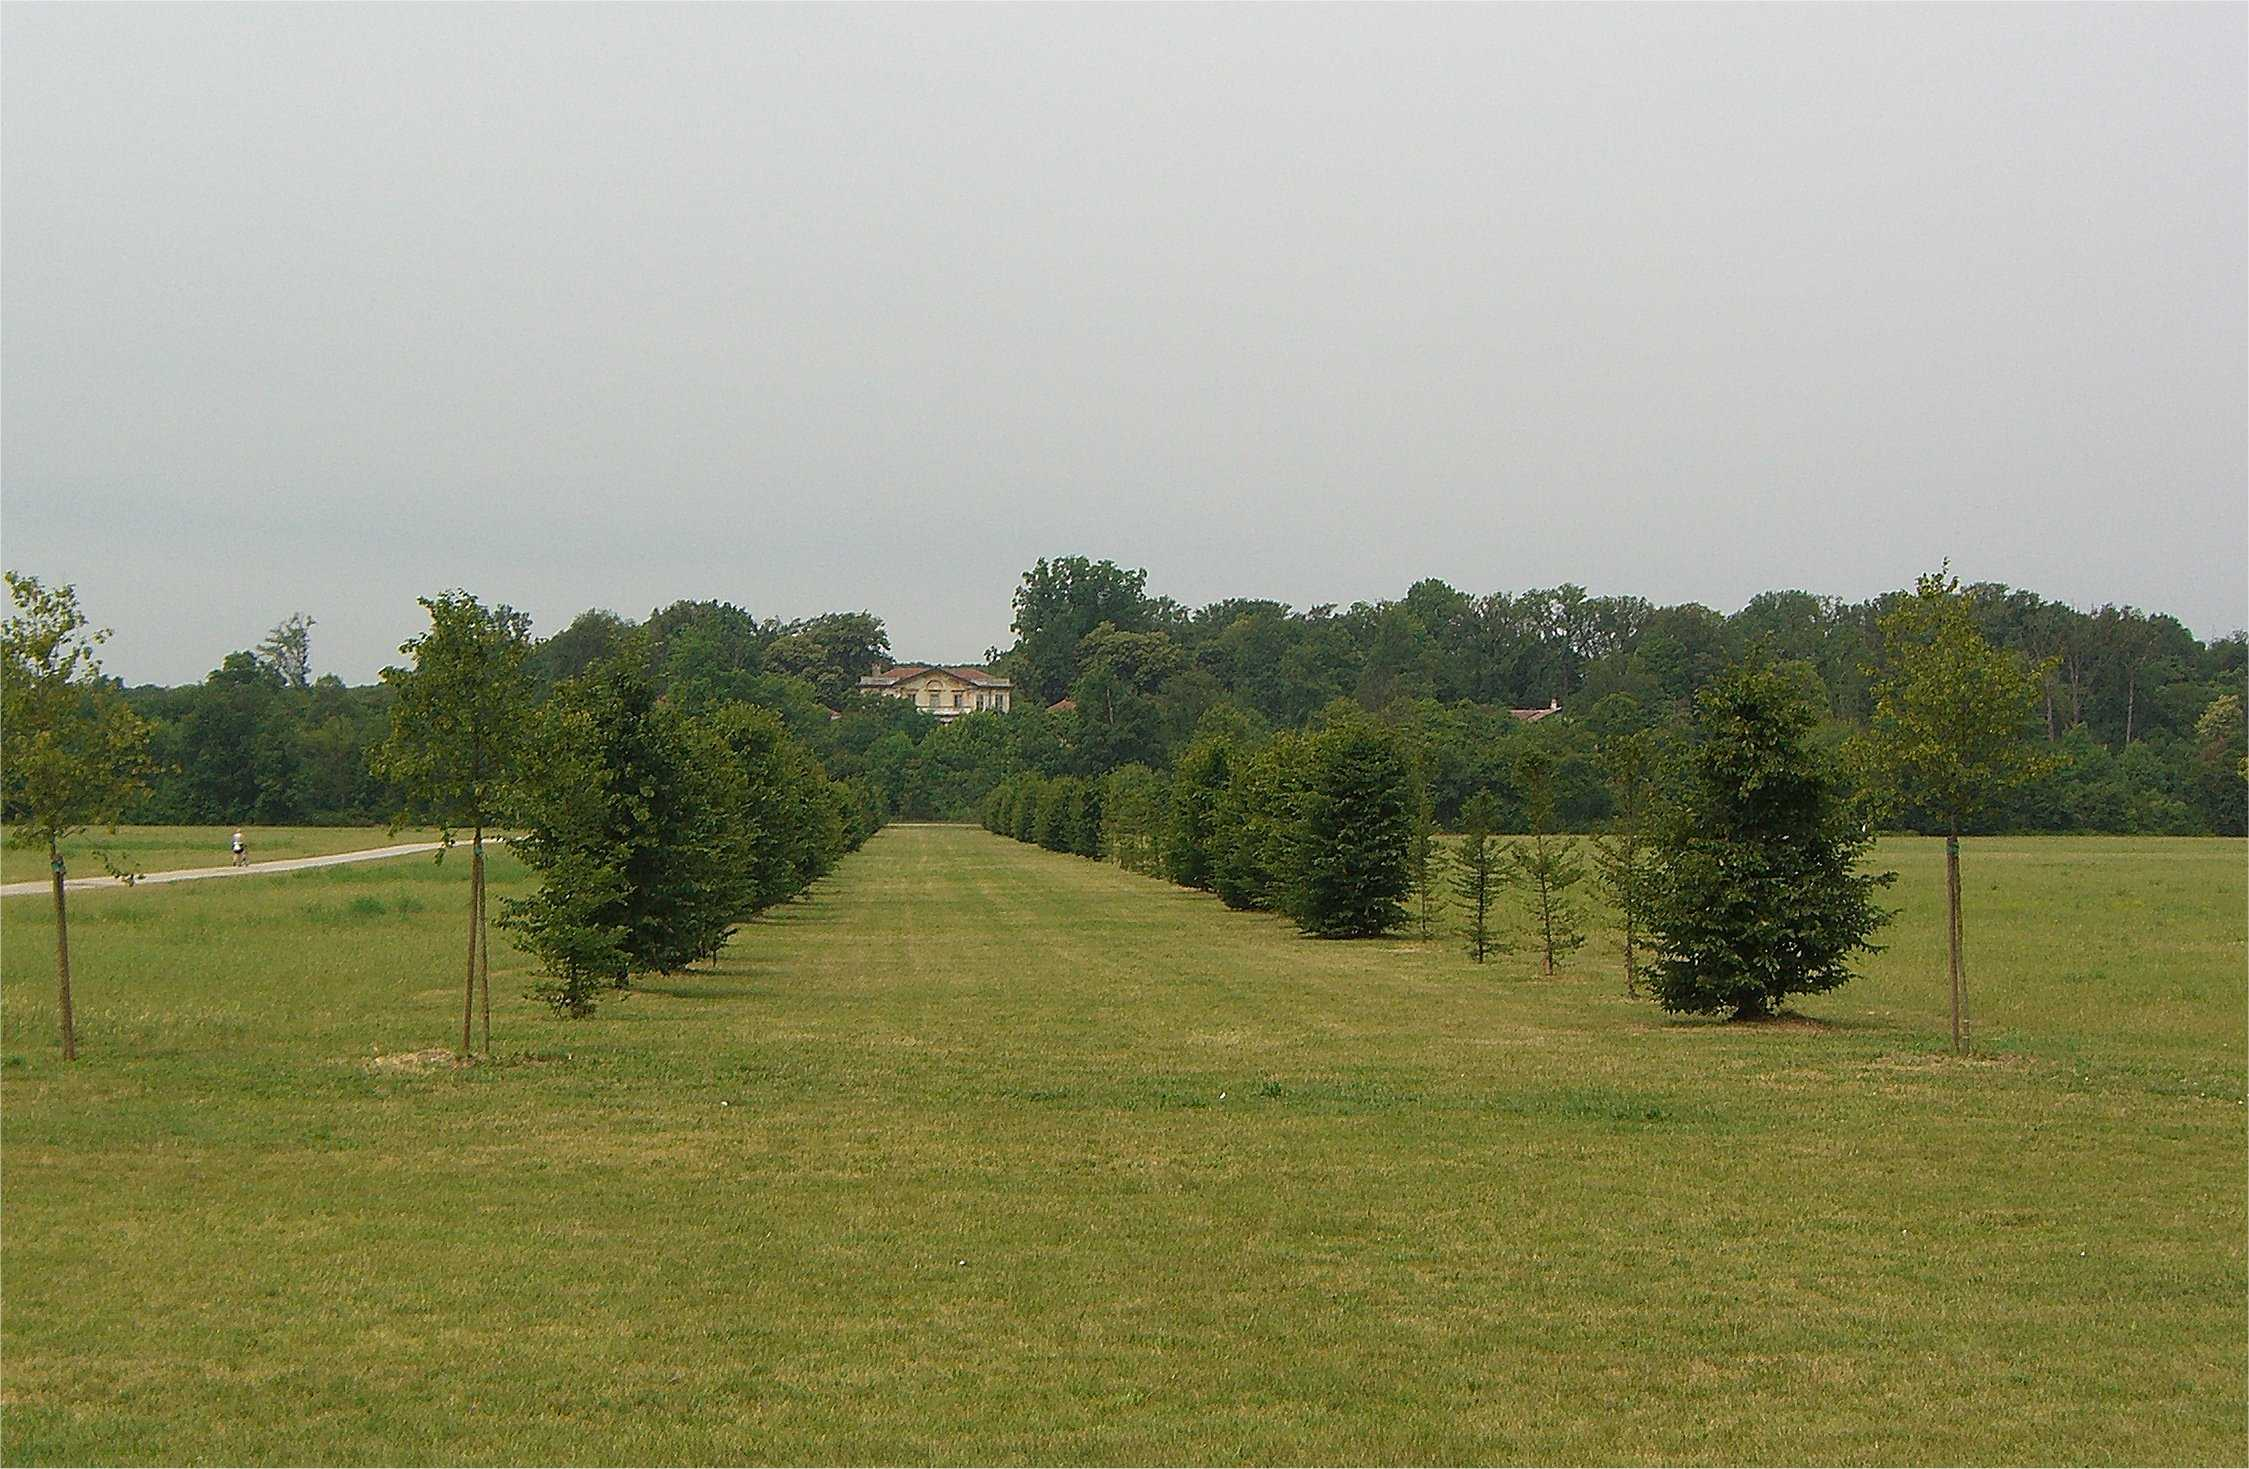 Parco Monza Villa Mirabello